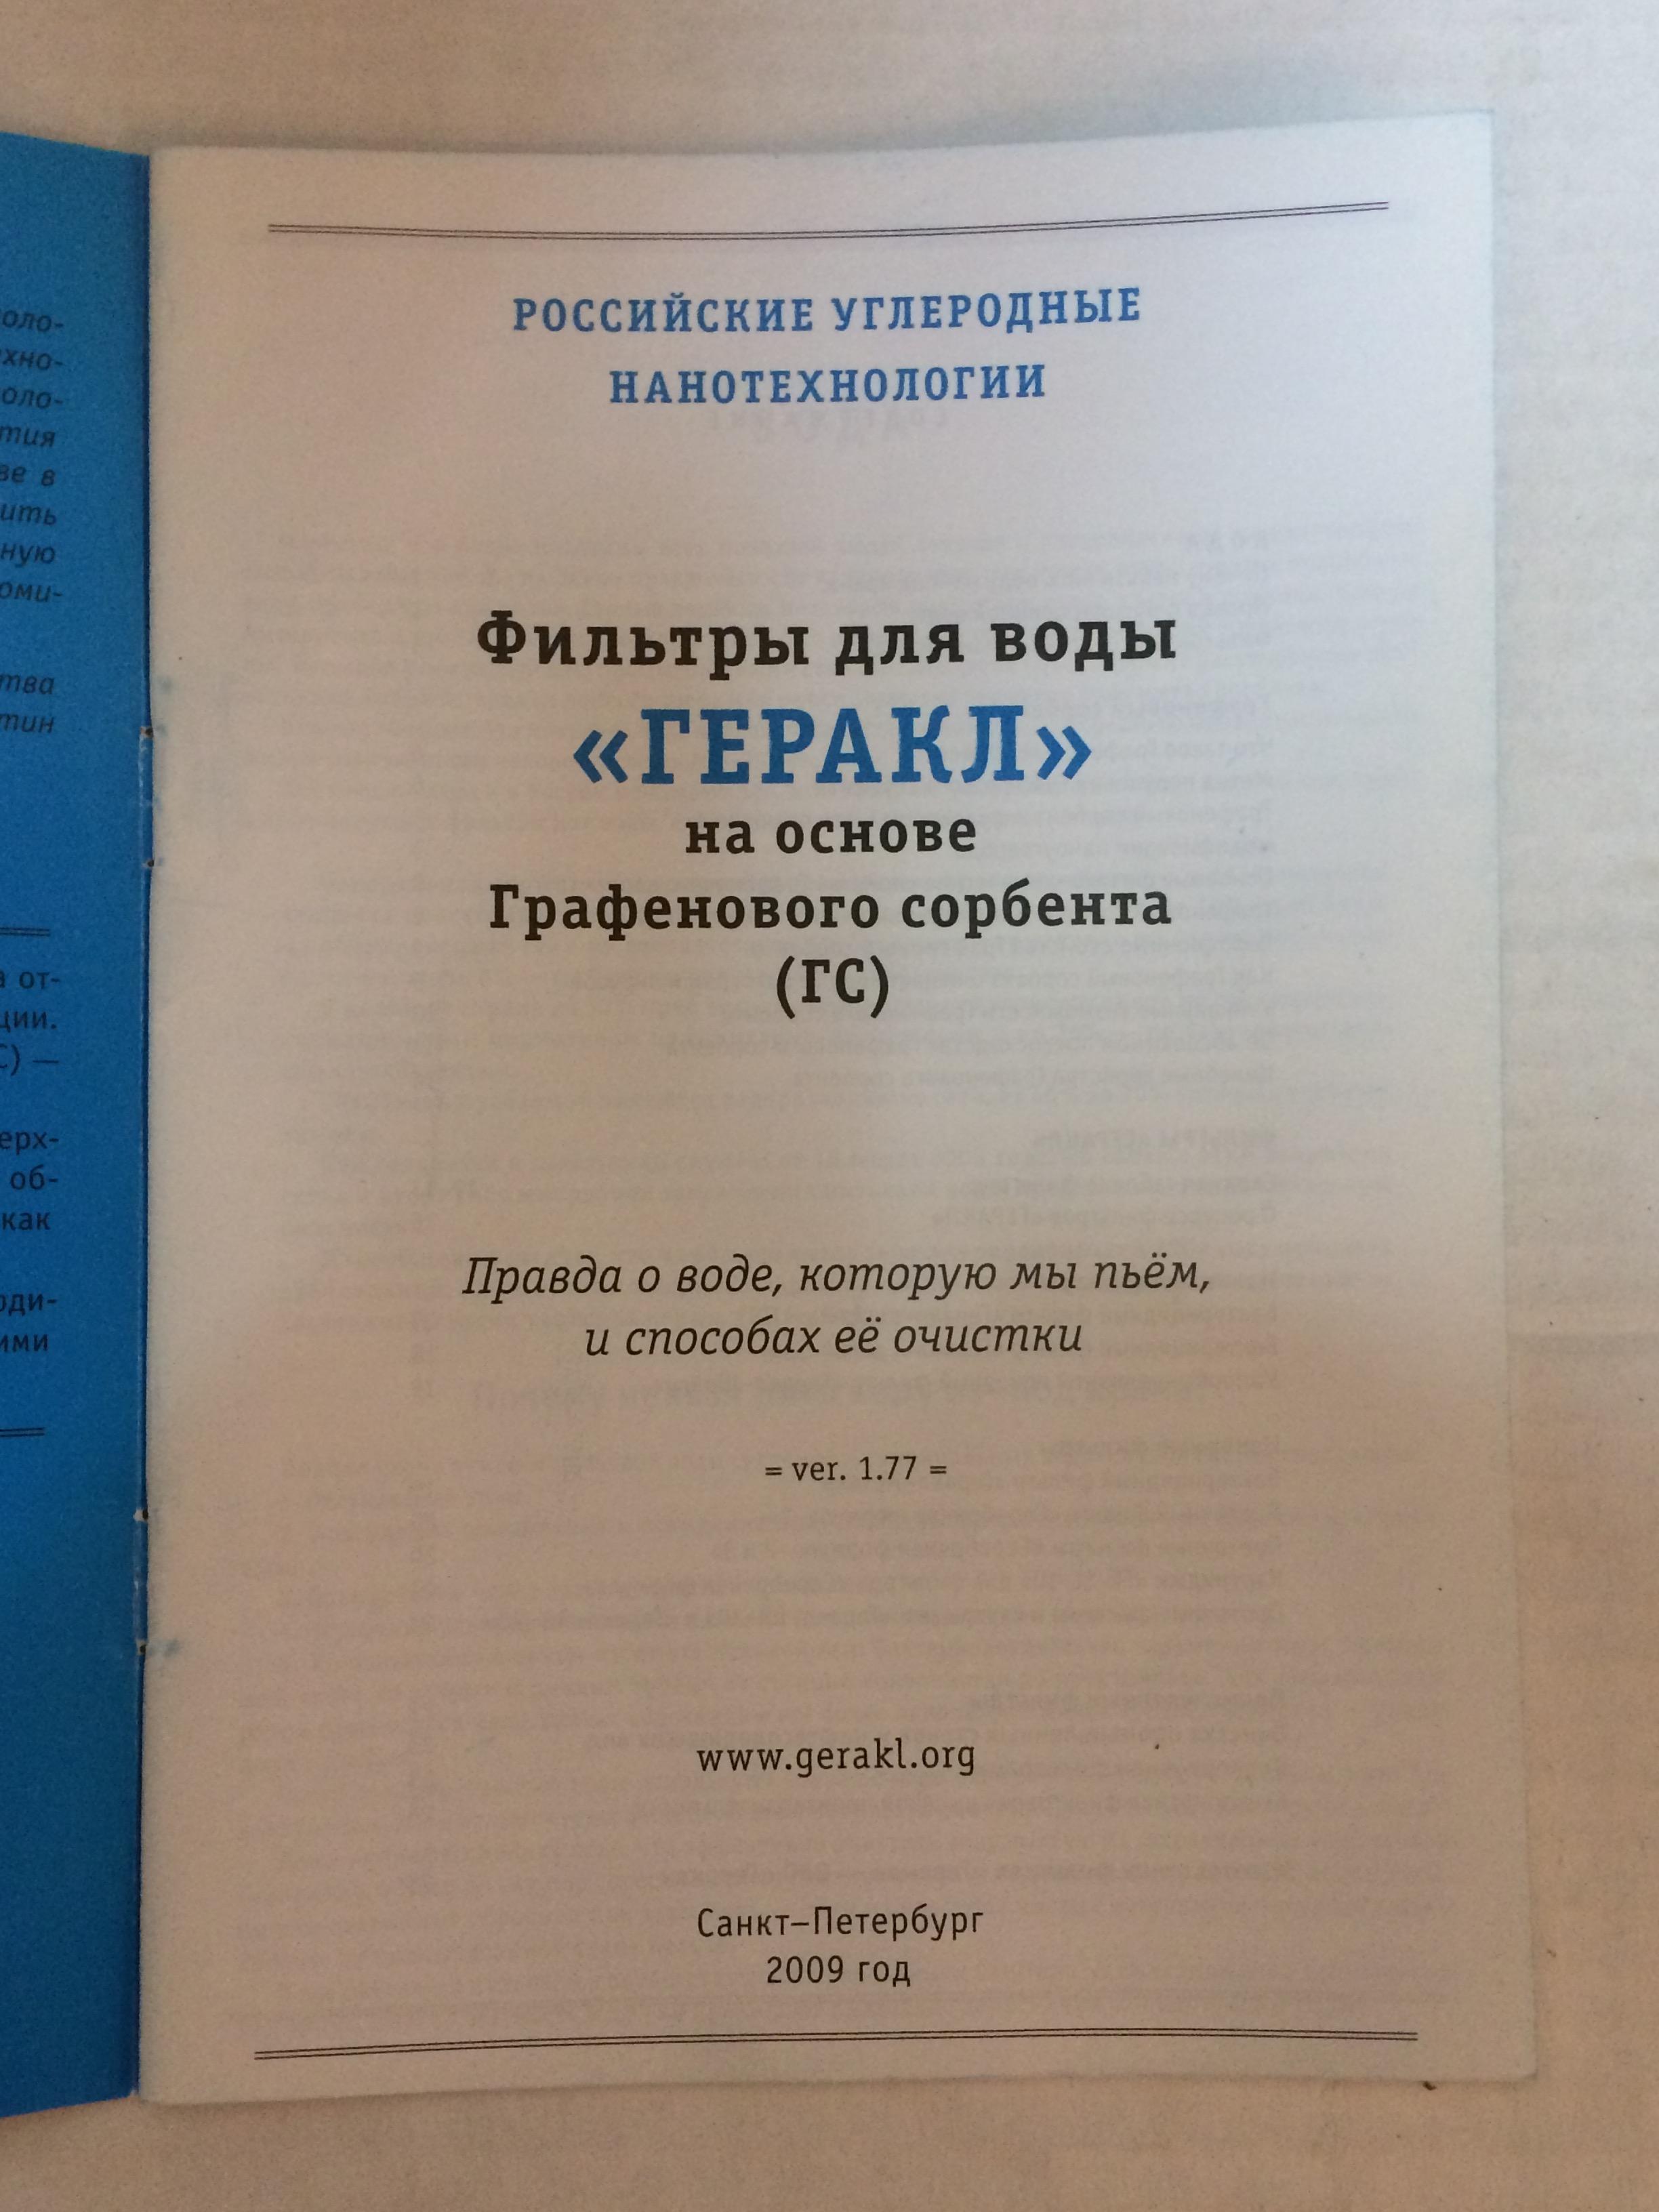 kniga-gerakl (2)